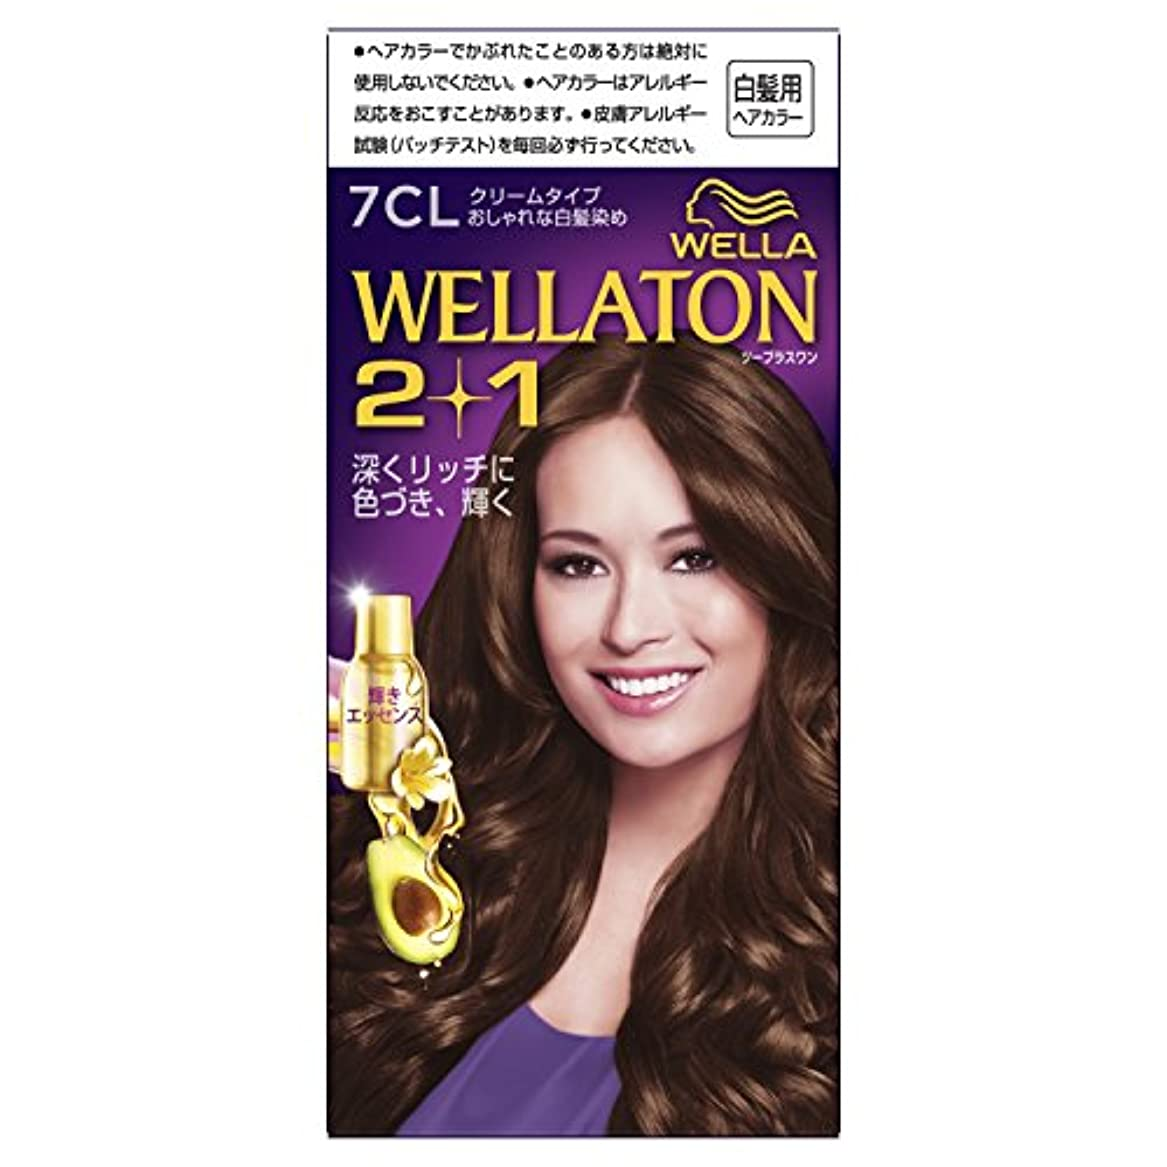 すき売上高うっかりウエラトーン2+1 クリームタイプ 7CL [医薬部外品](おしゃれな白髪染め)